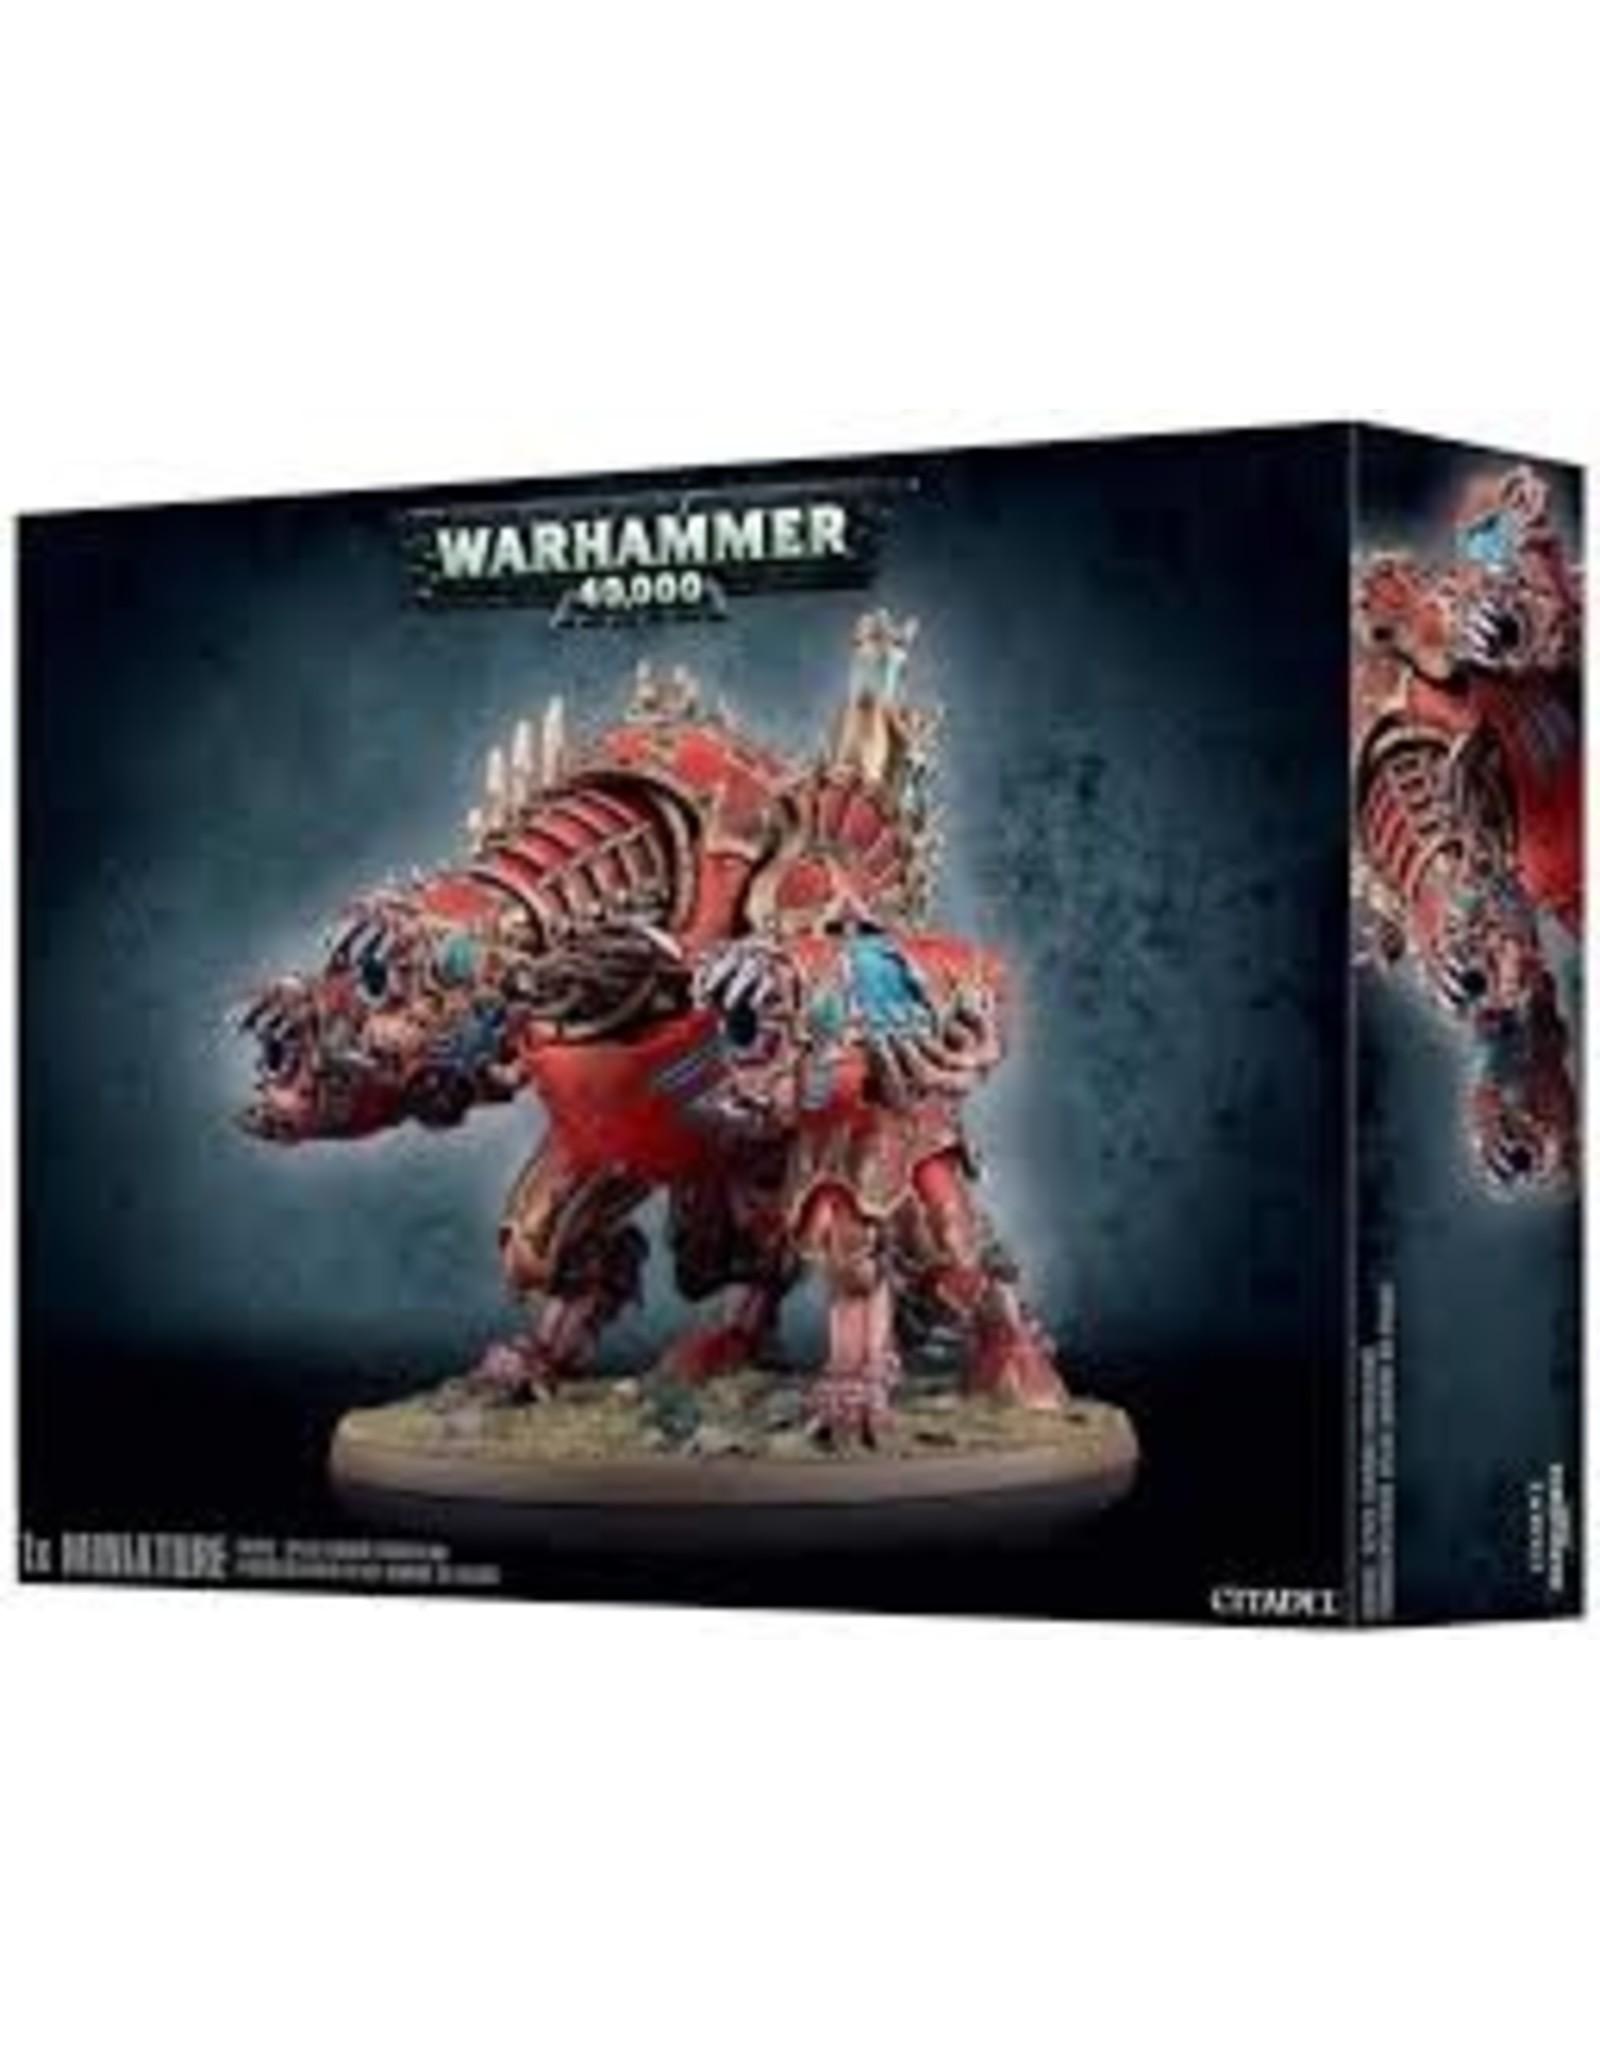 Warhammer 40K Chaos Marine Forgefiend